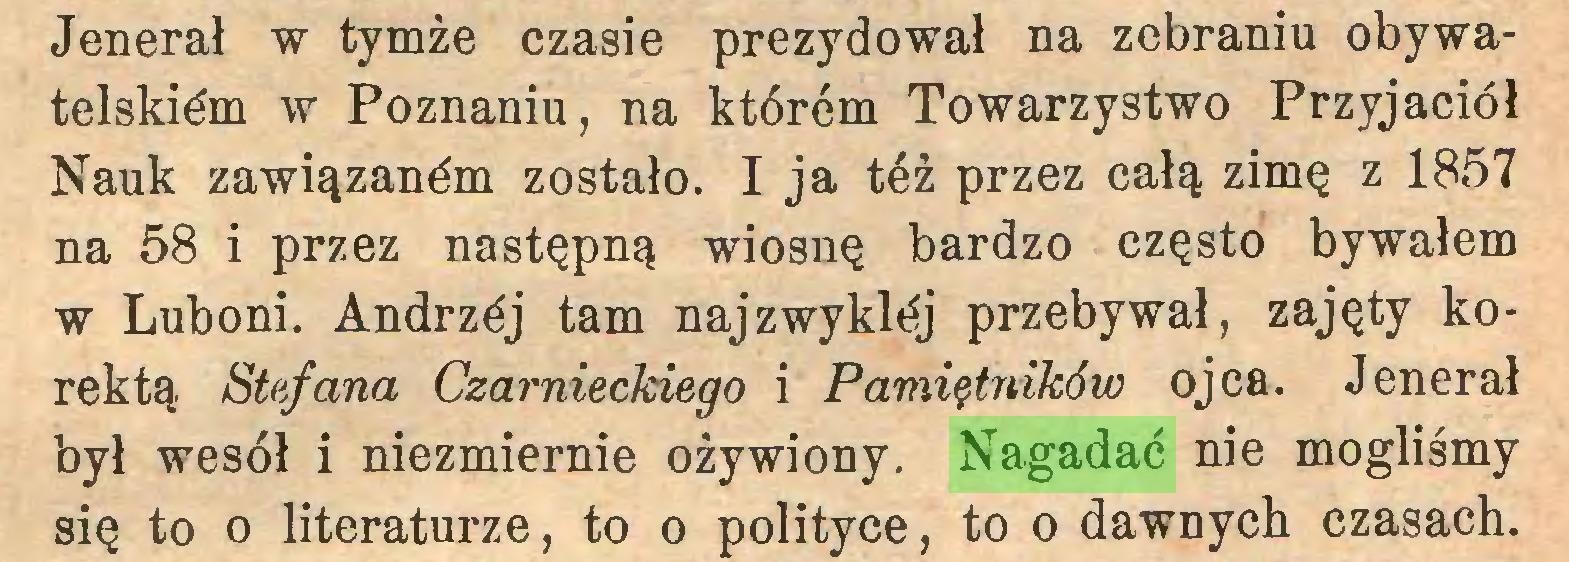 (...) Jenerał w tymże czasie prezydował na zebraniu obywatelskim w Poznaniu, na którem Towarzystwo Przyjaciół Nauk zawiązanym zostało. I ja też przez całą zimę z 1857 na 58 i przez następną wiosnę bardzo często bywałem w Luboni. Andrzćj tam najzwyklój przebywał, zajęty korektą Stefana Czarnieckiego i Pamiętników ojca. Jenerał był wesół i niezmiernie ożywiony. Nagadać nie mogliśmy się to o literaturze, to o polityce, to o dawnych czasach...